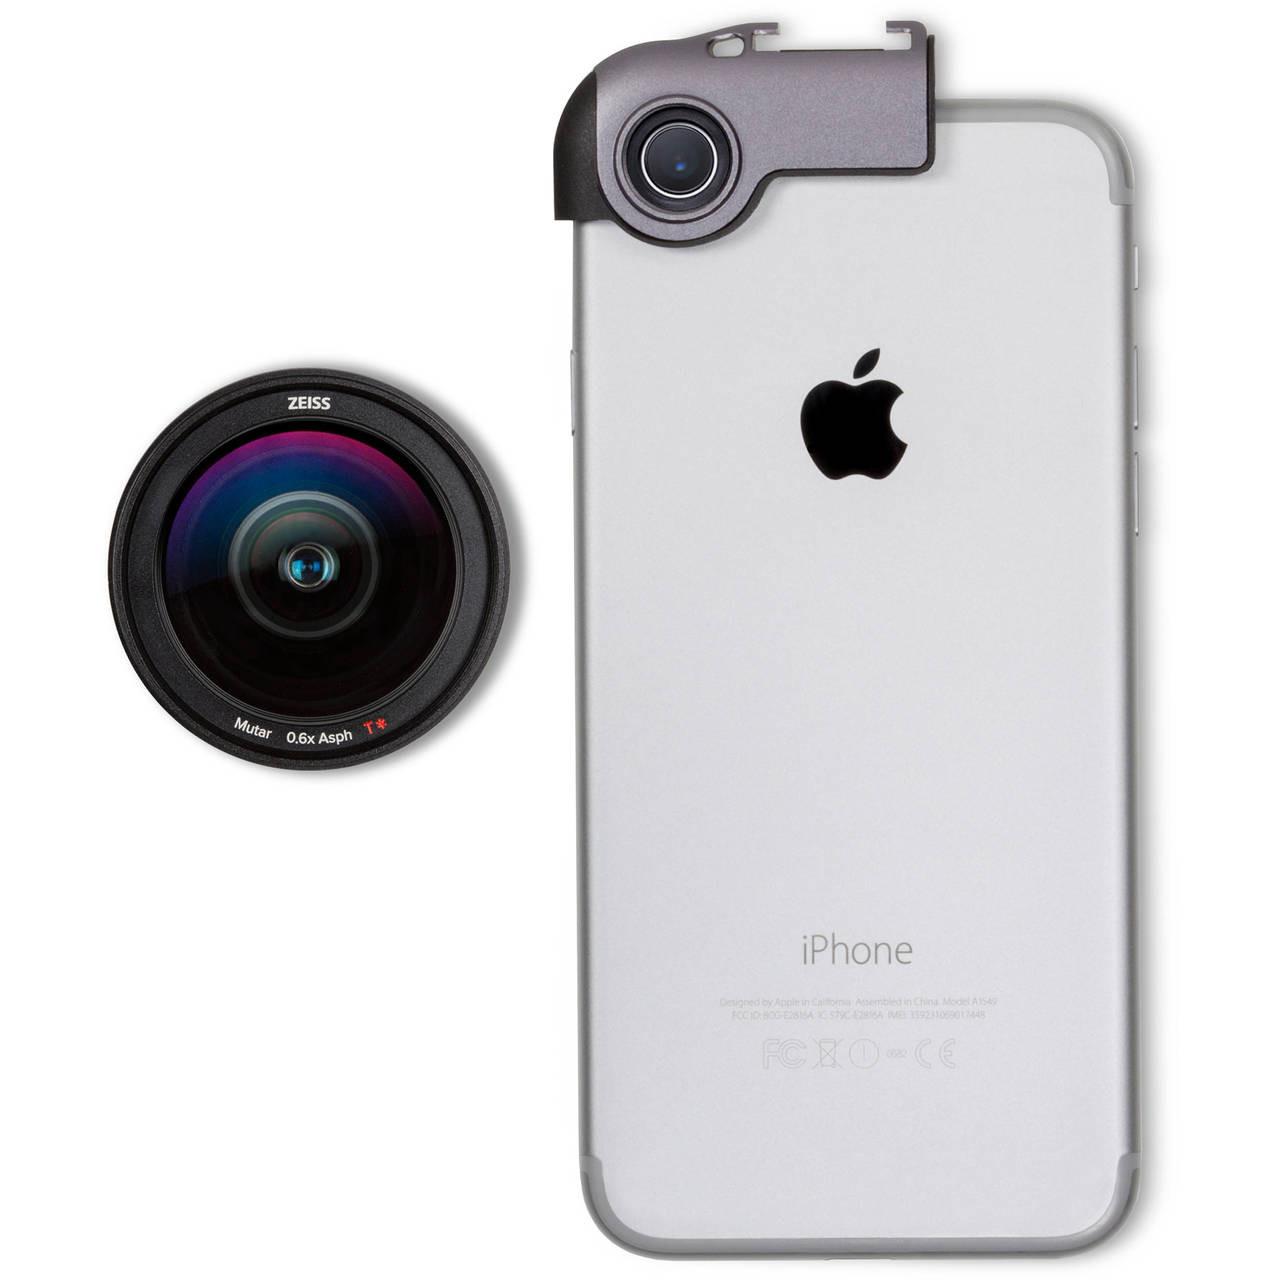 Surveillance camera iphone 6s Plus - Espionner skype a distance gratuit